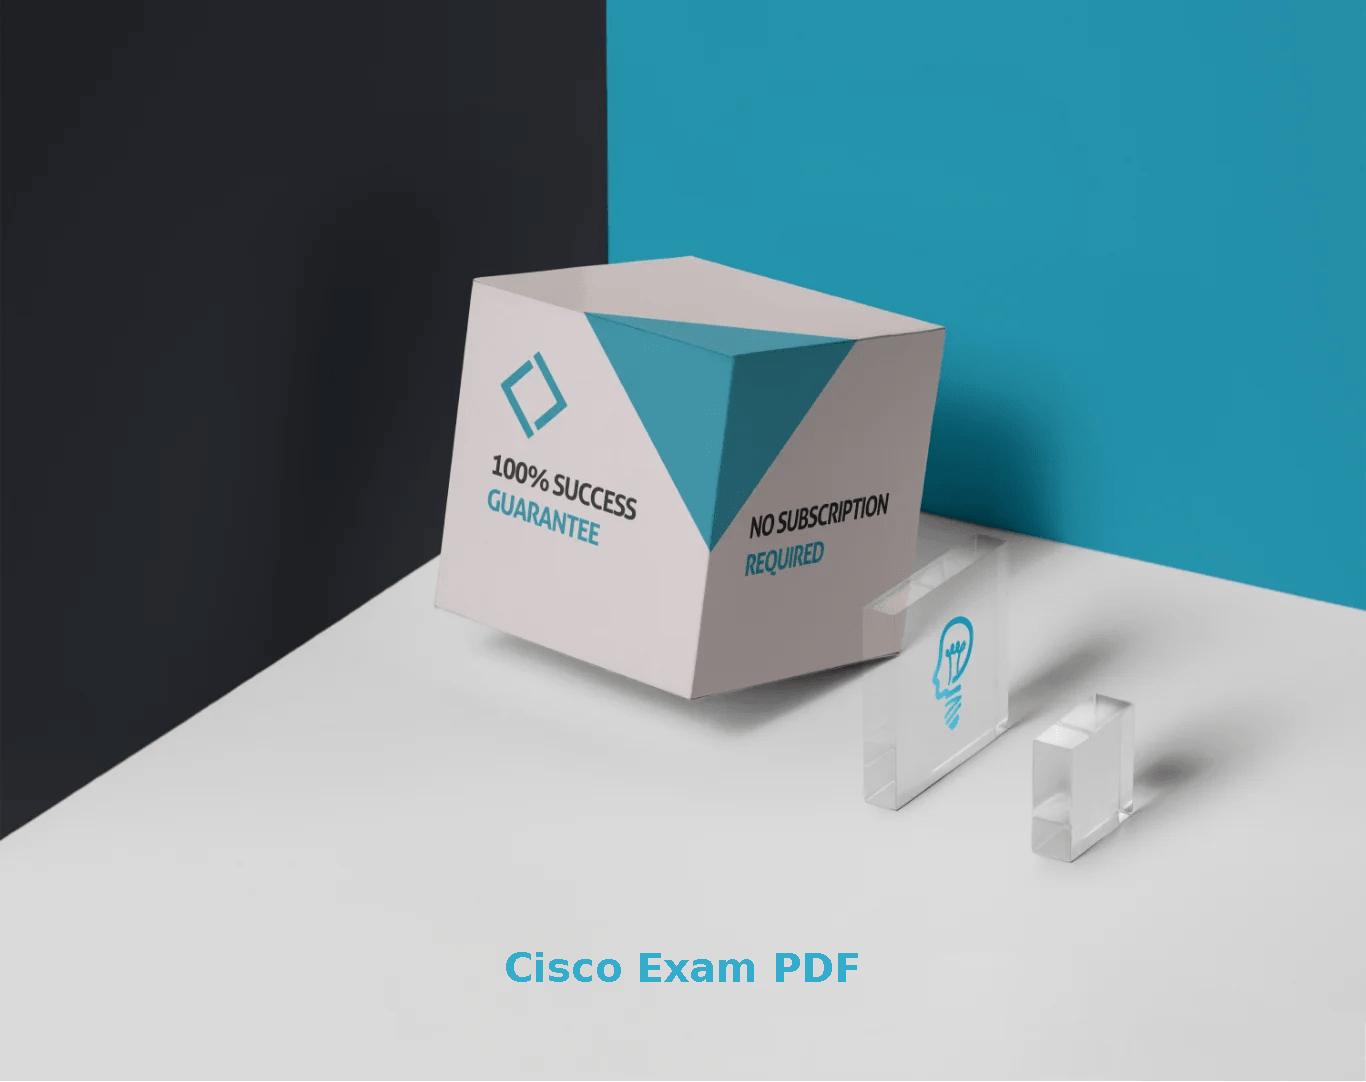 Cisco Exam PDF